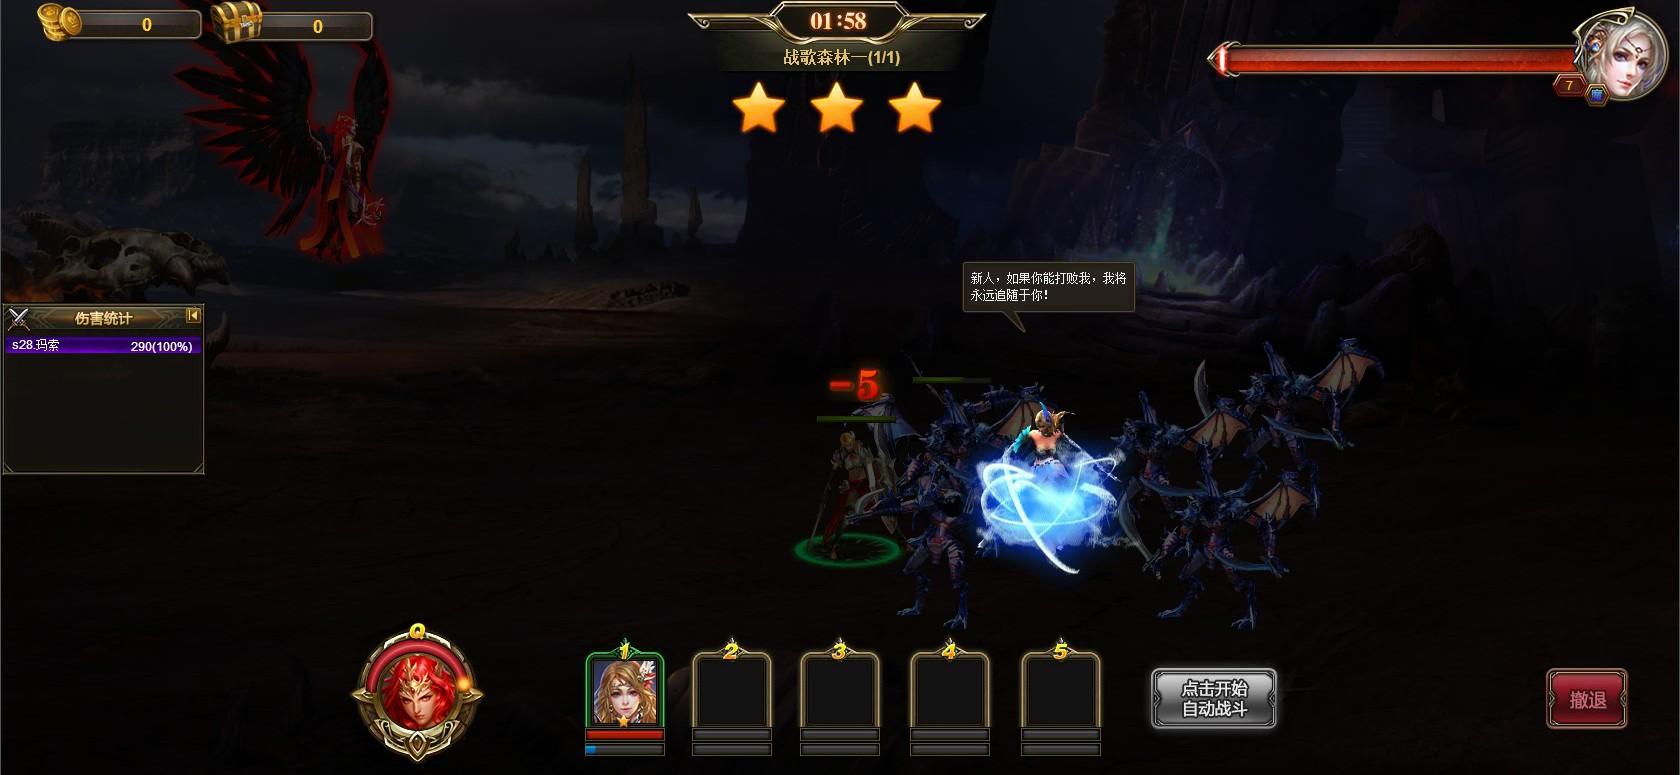 《天命幻想》游戏截图